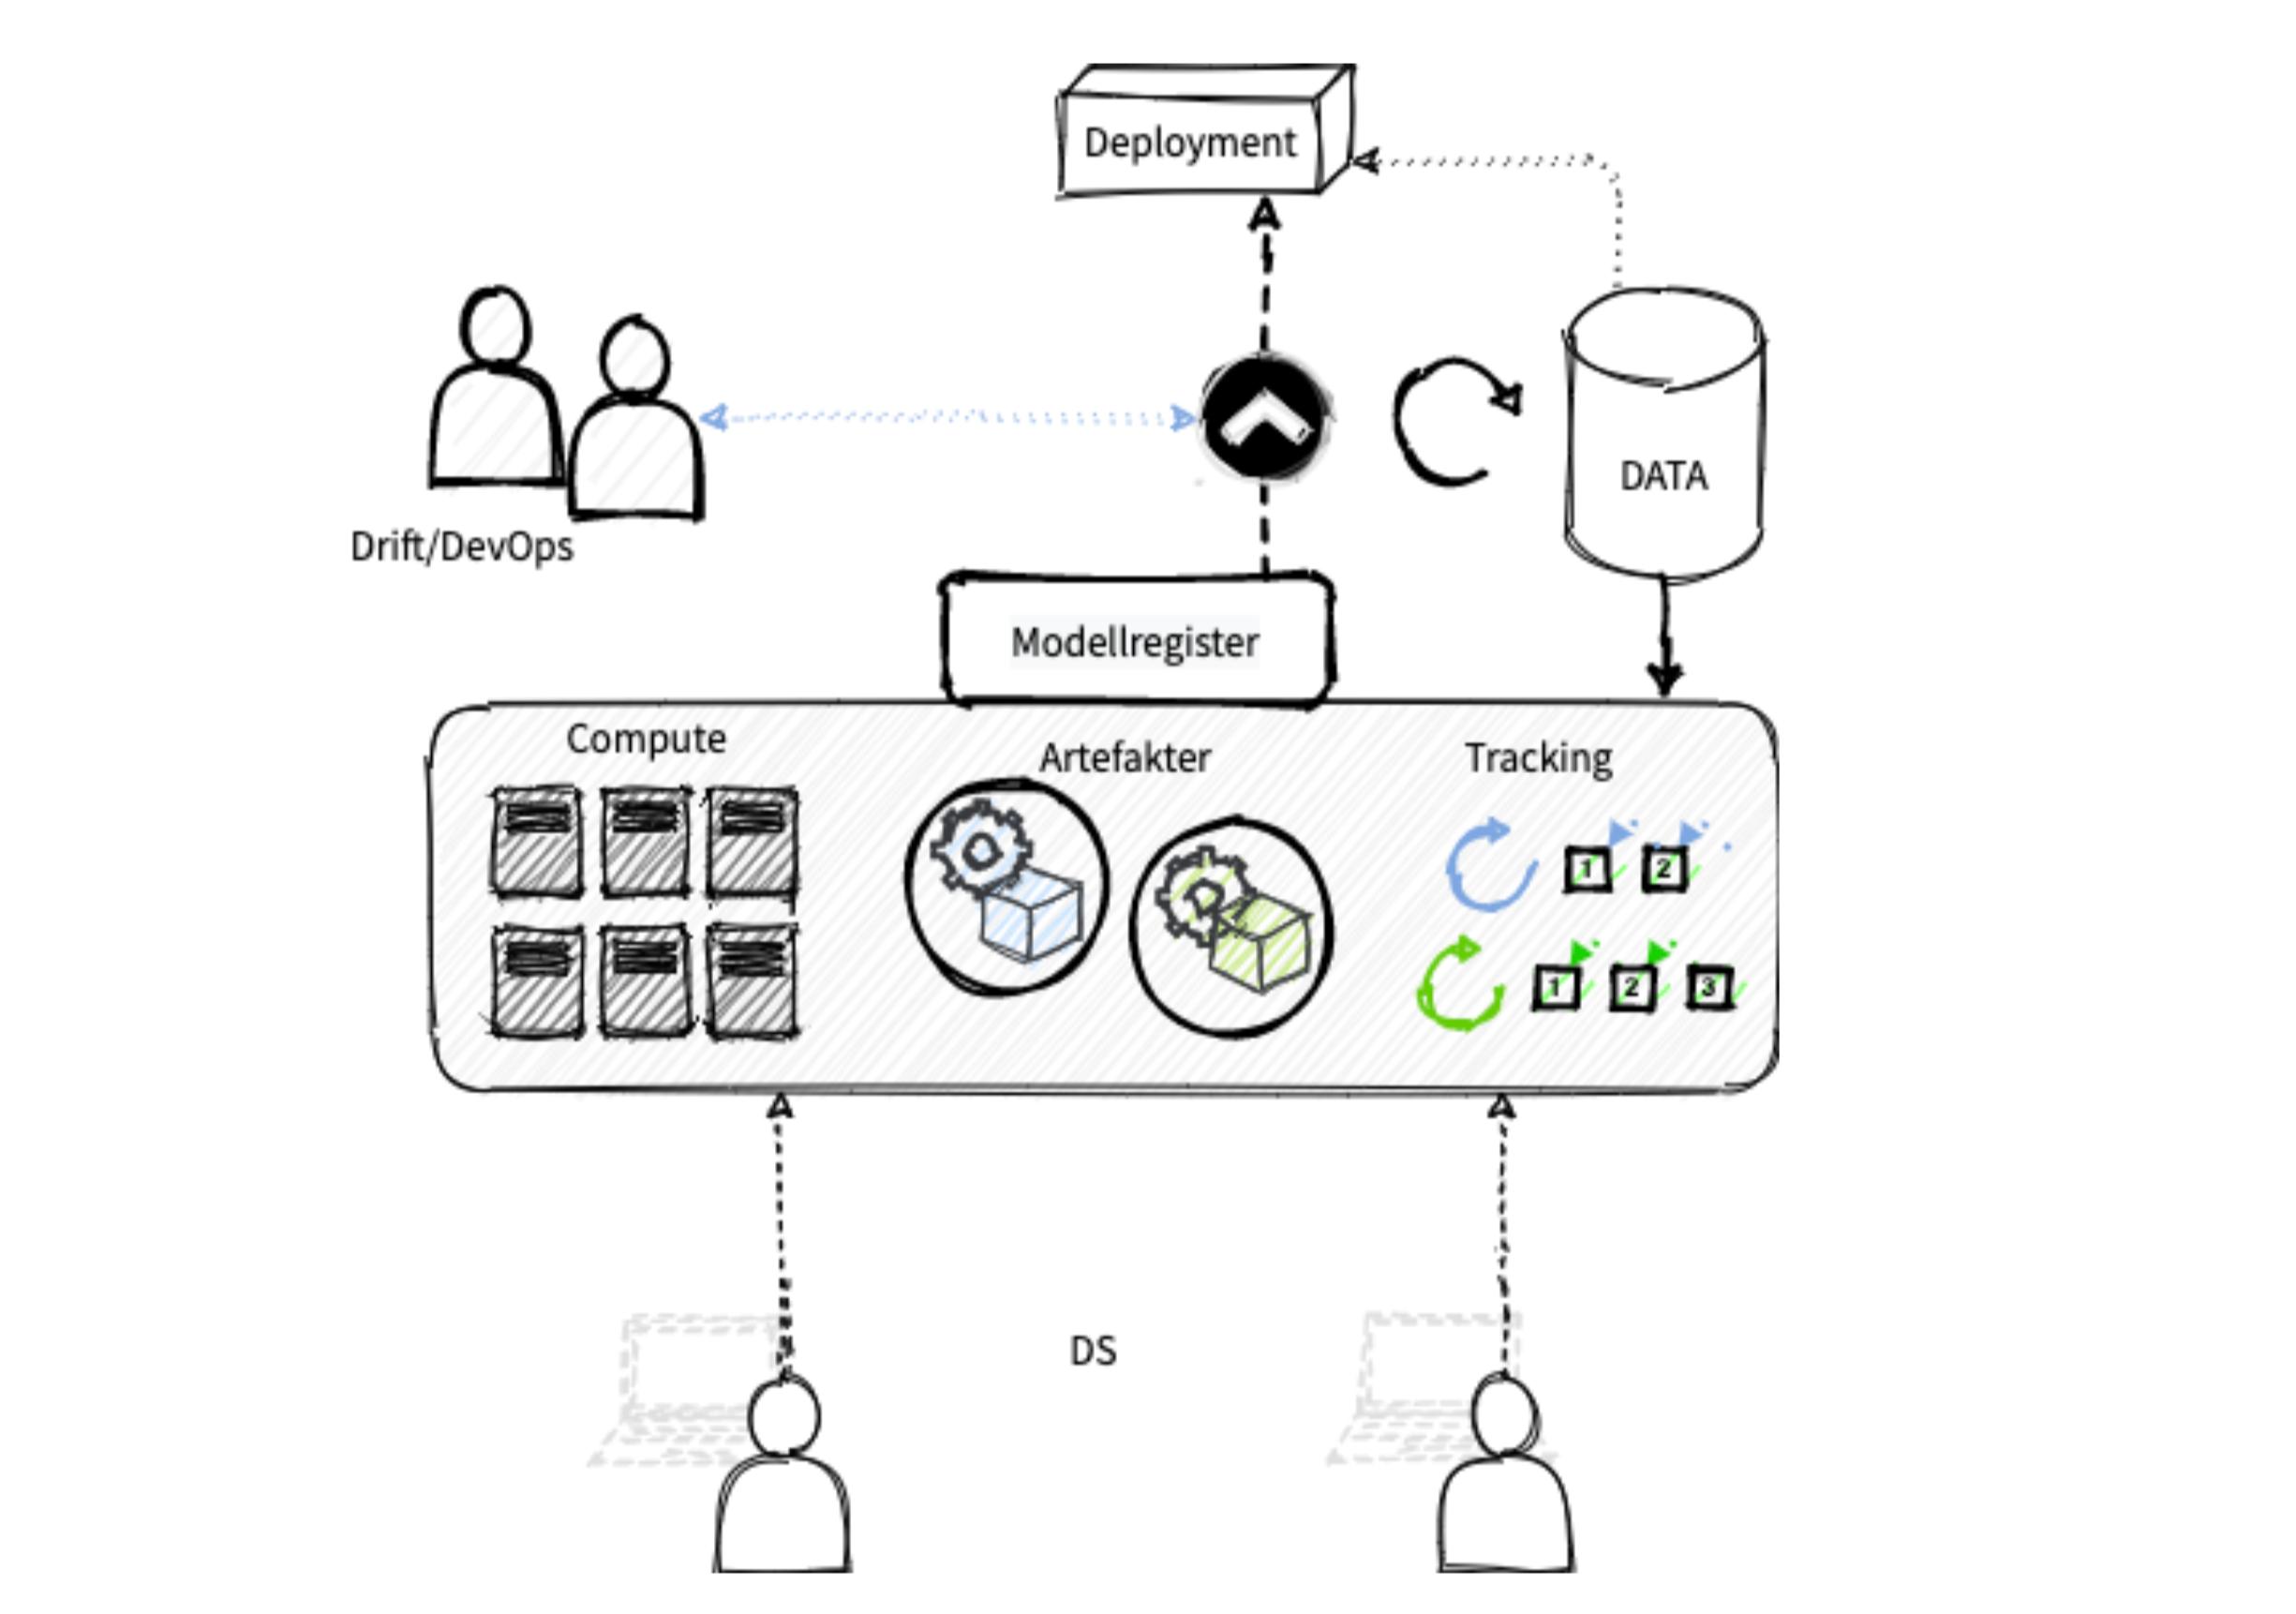 Modell for integrert deploymentpipeline